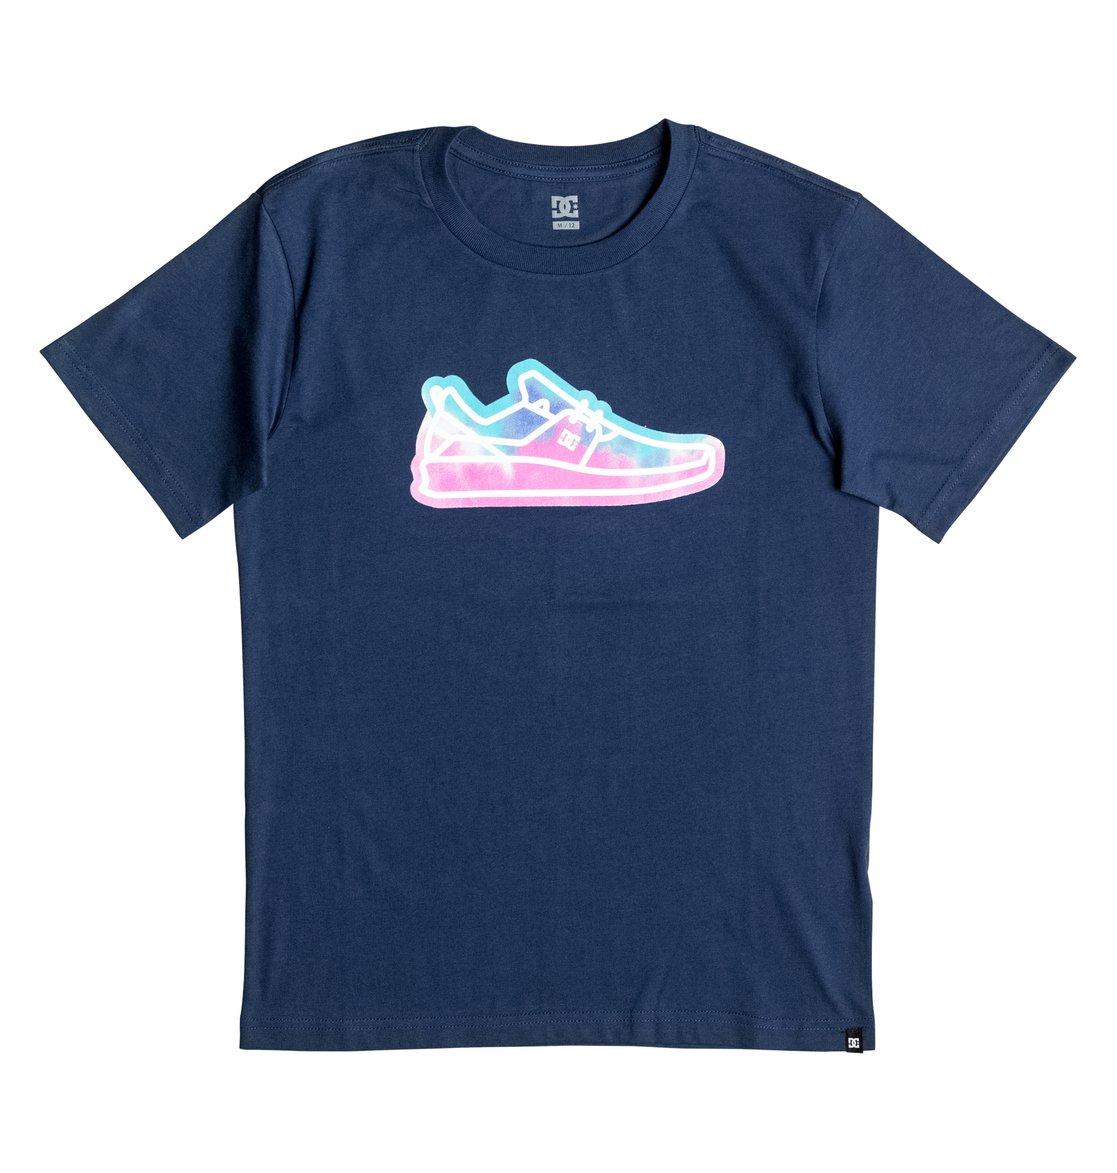 Футболка Funrow от DC Shoes